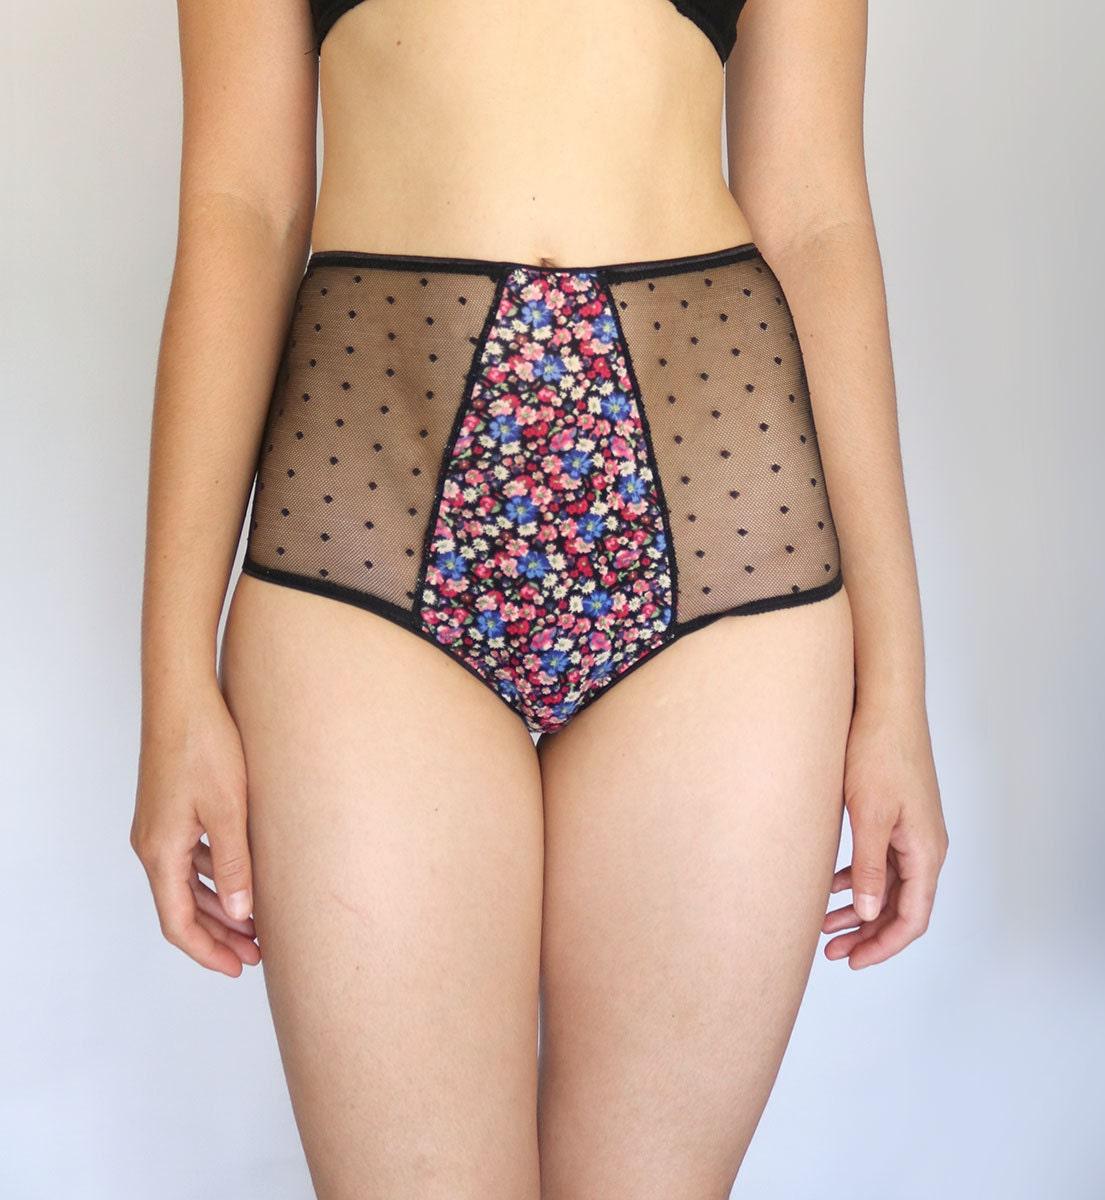 Panties Swf 61